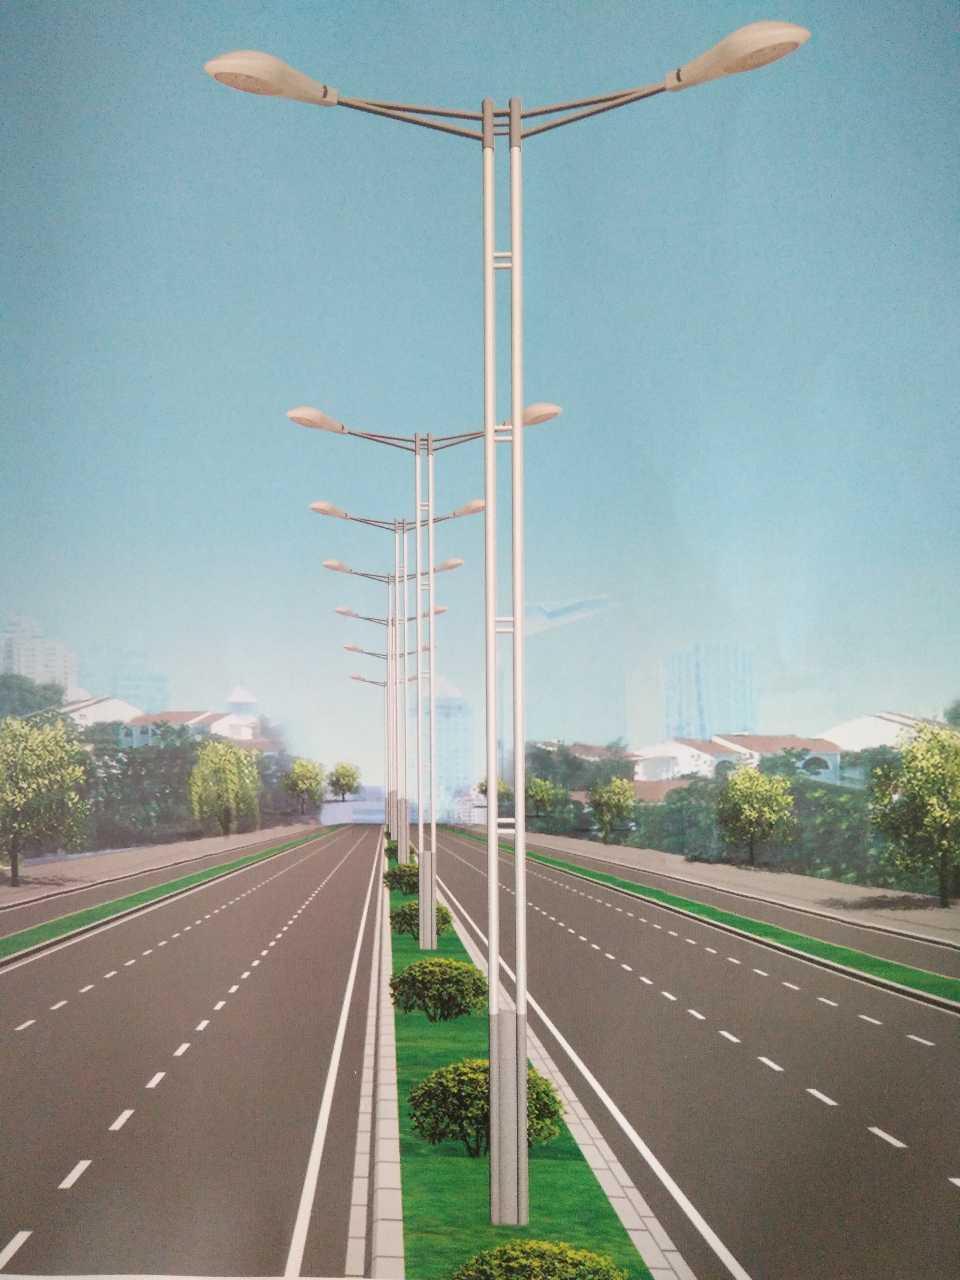 来自李正冰发布的供应信息:专一生产道路路灯、高杆灯、太阳能路灯、风... - 海南炜达新能源科技有限公司